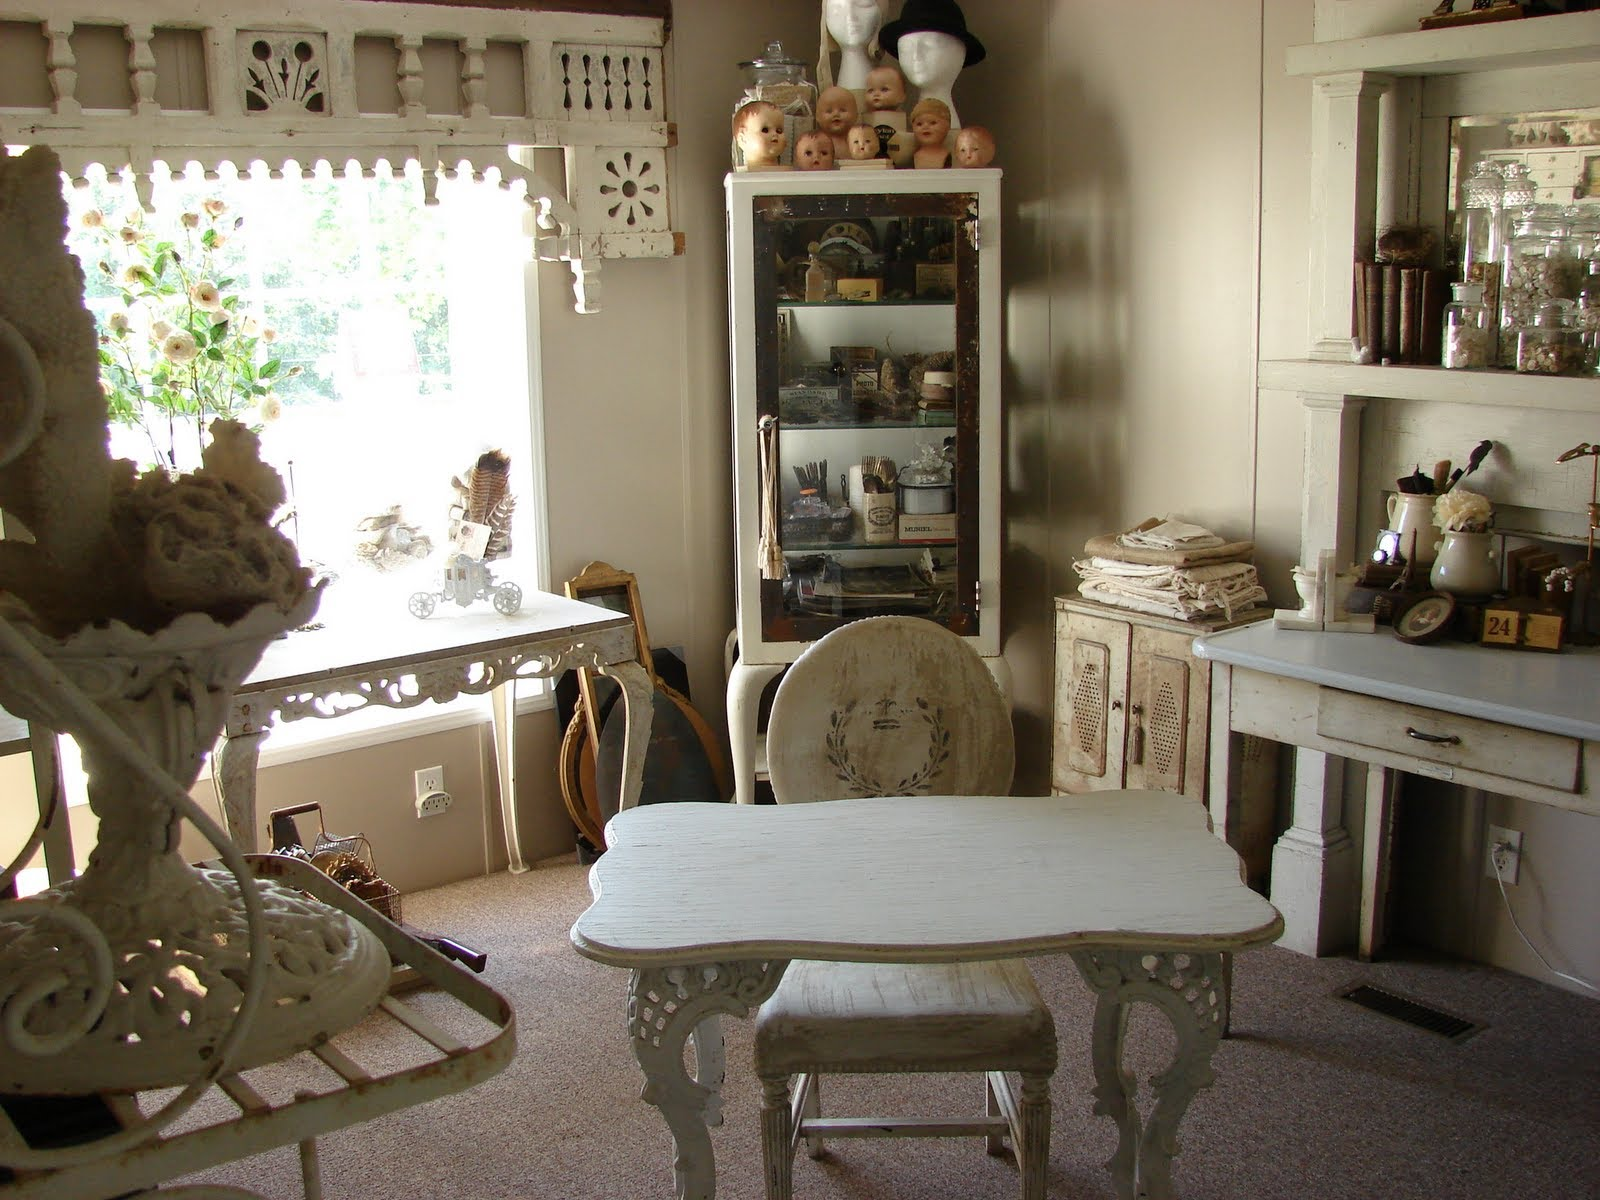 Стиль Прованс в интерьере: как создать стиль Прованс своими руками в квартире?. Стиль Прованс фото в интерьере: кухня Прованс, с